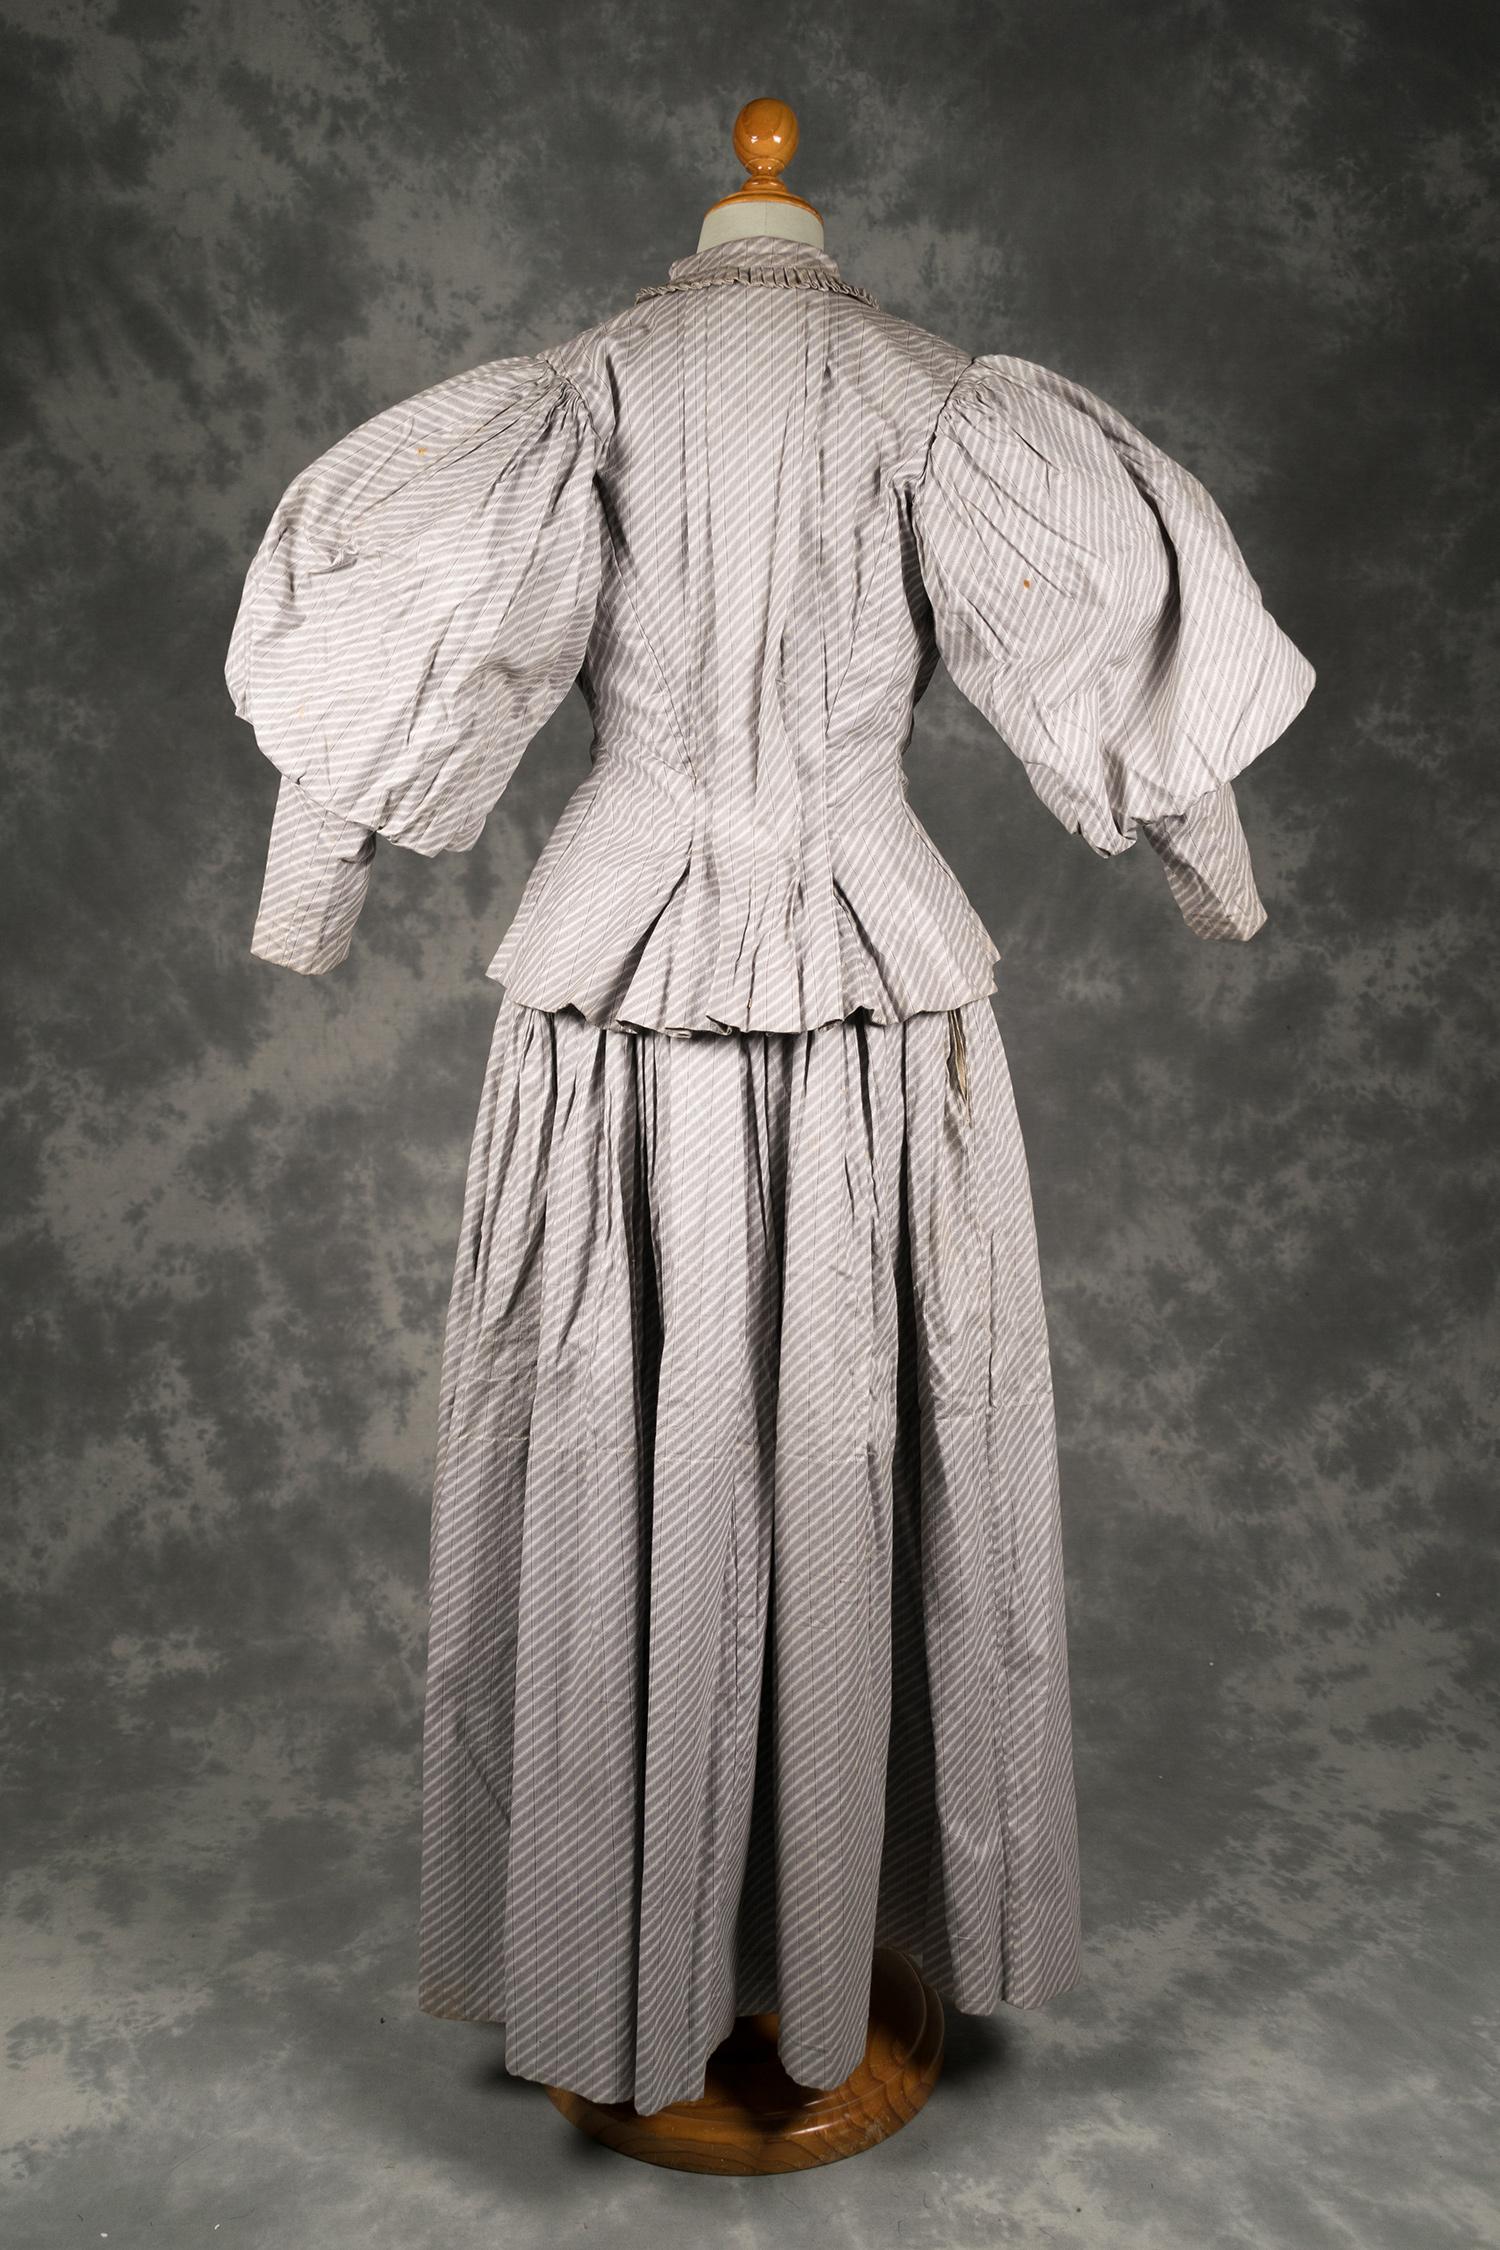 Museu Catalunya Virtual Y Conjunto A Cuerpo Grises Moda Blancas Falda La Rayas Algodón De wqFZFAz